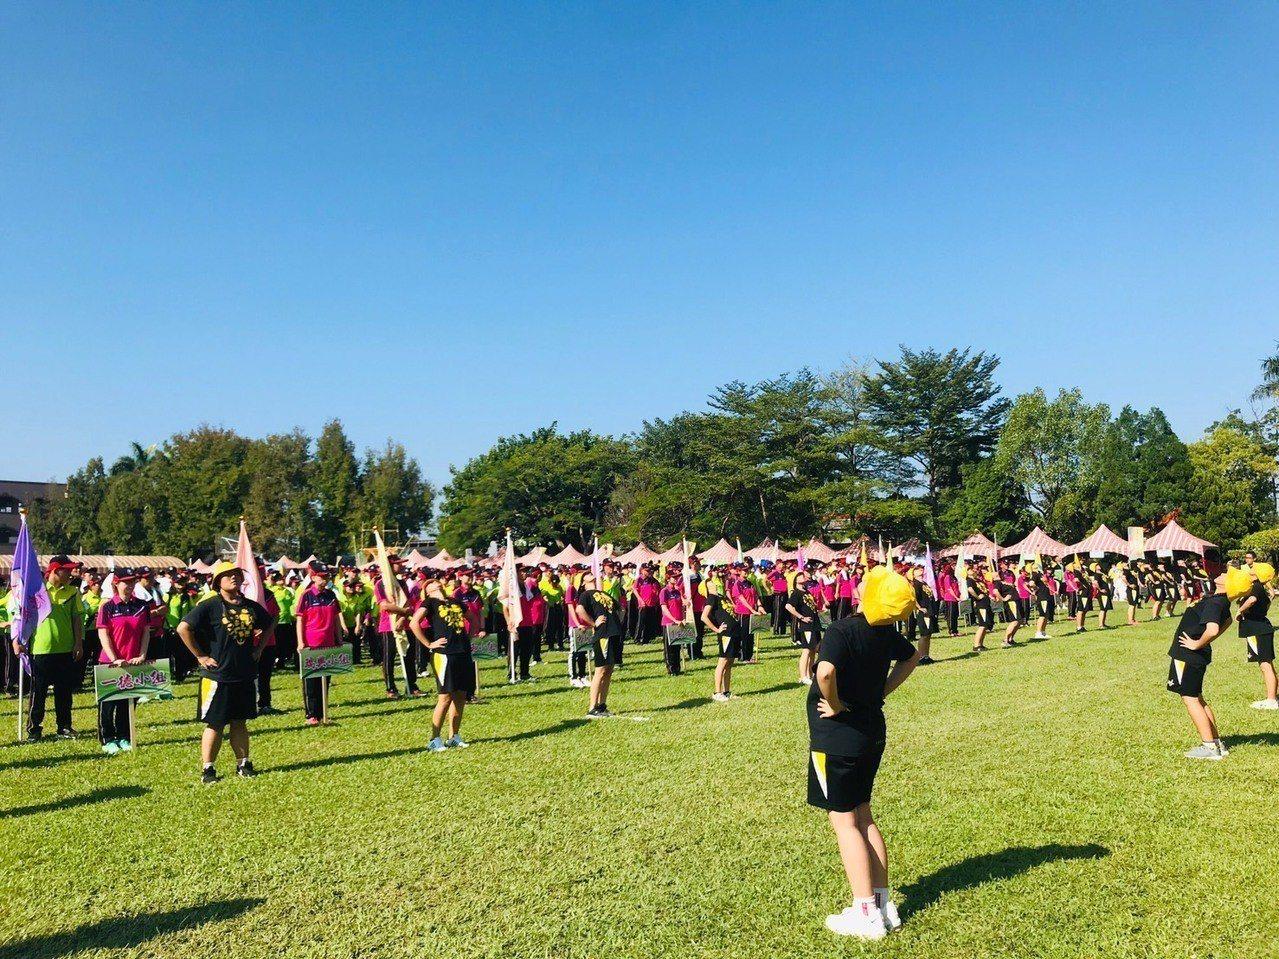 大溪區農民運動大會有1500人參加。圖/至善高中提供